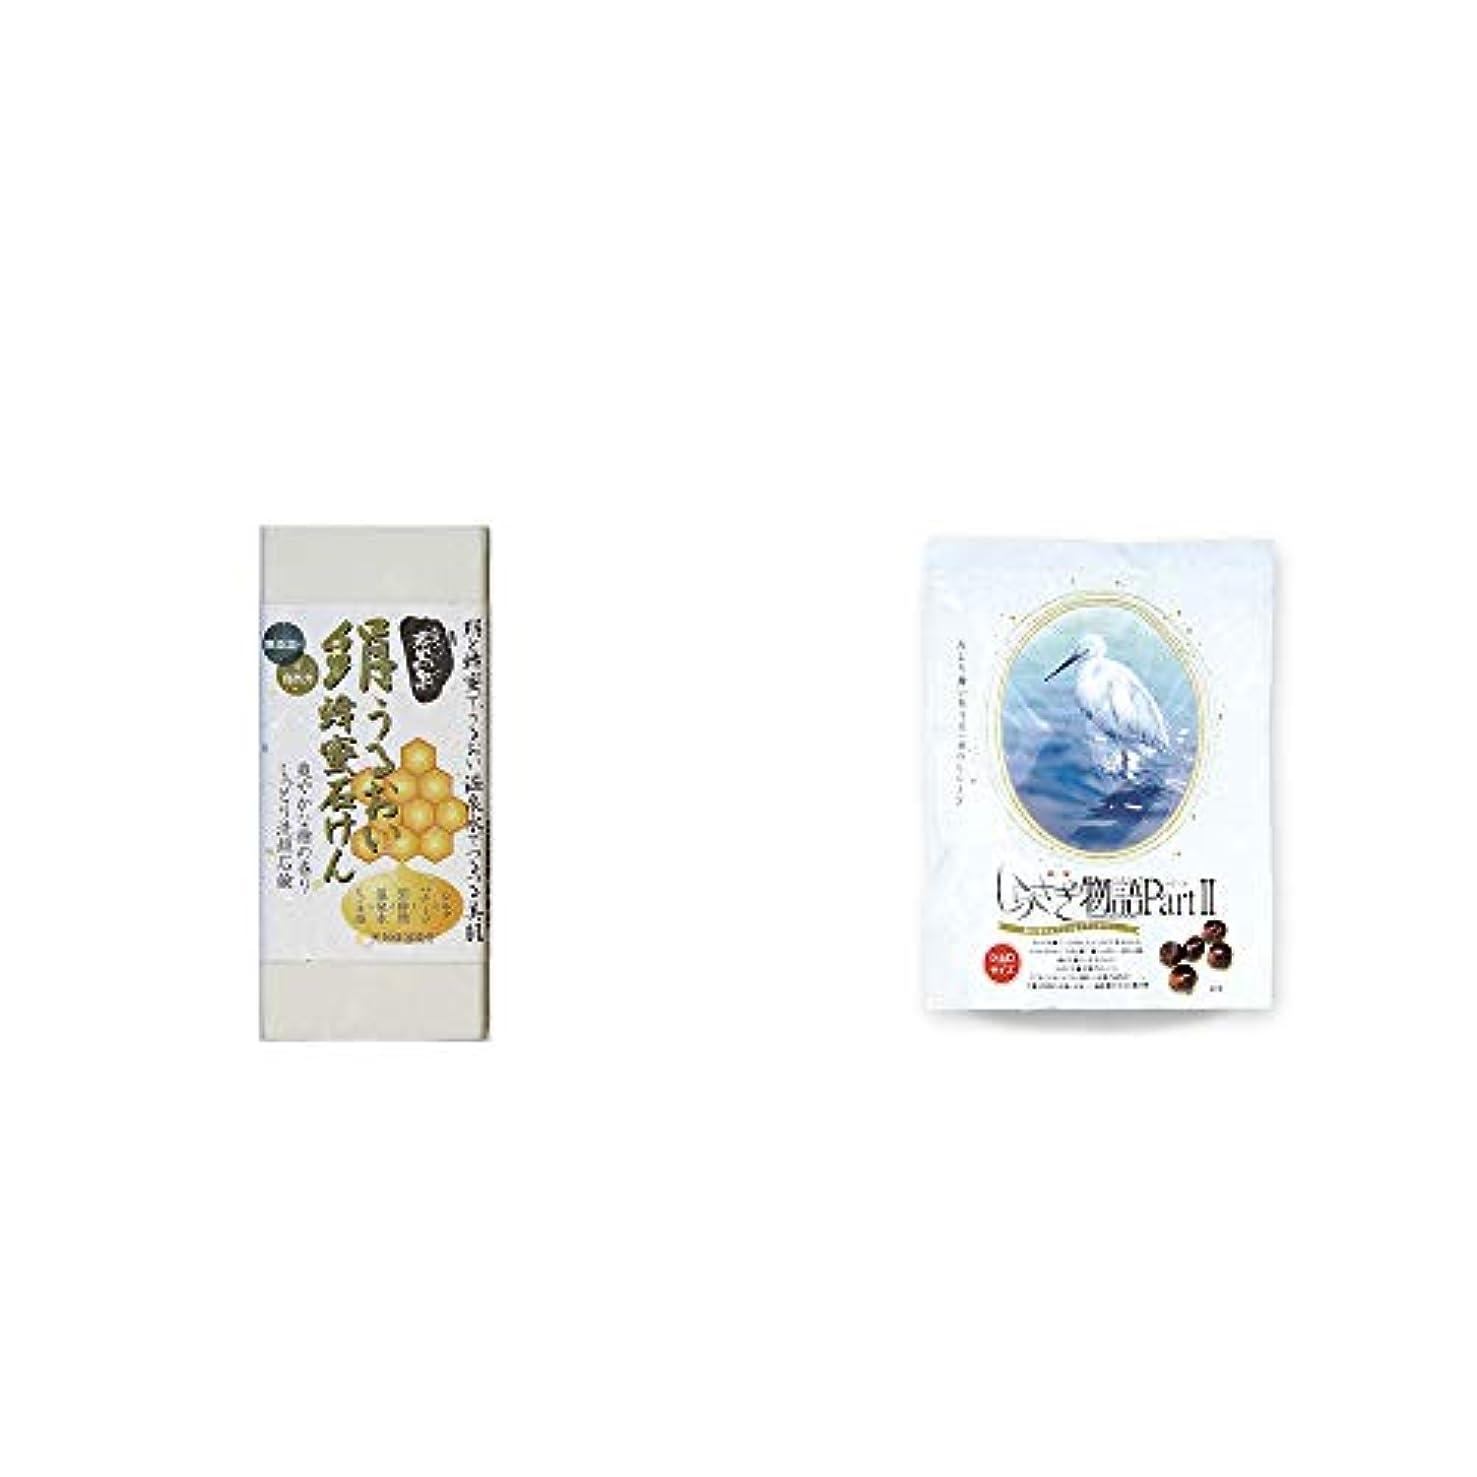 カナダタンクどのくらいの頻度で[2点セット] ひのき炭黒泉 絹うるおい蜂蜜石けん(75g×2)?飛騨銘菓 しらさぎ物語Part2[ひと口タイプ][袋入り](13個入)